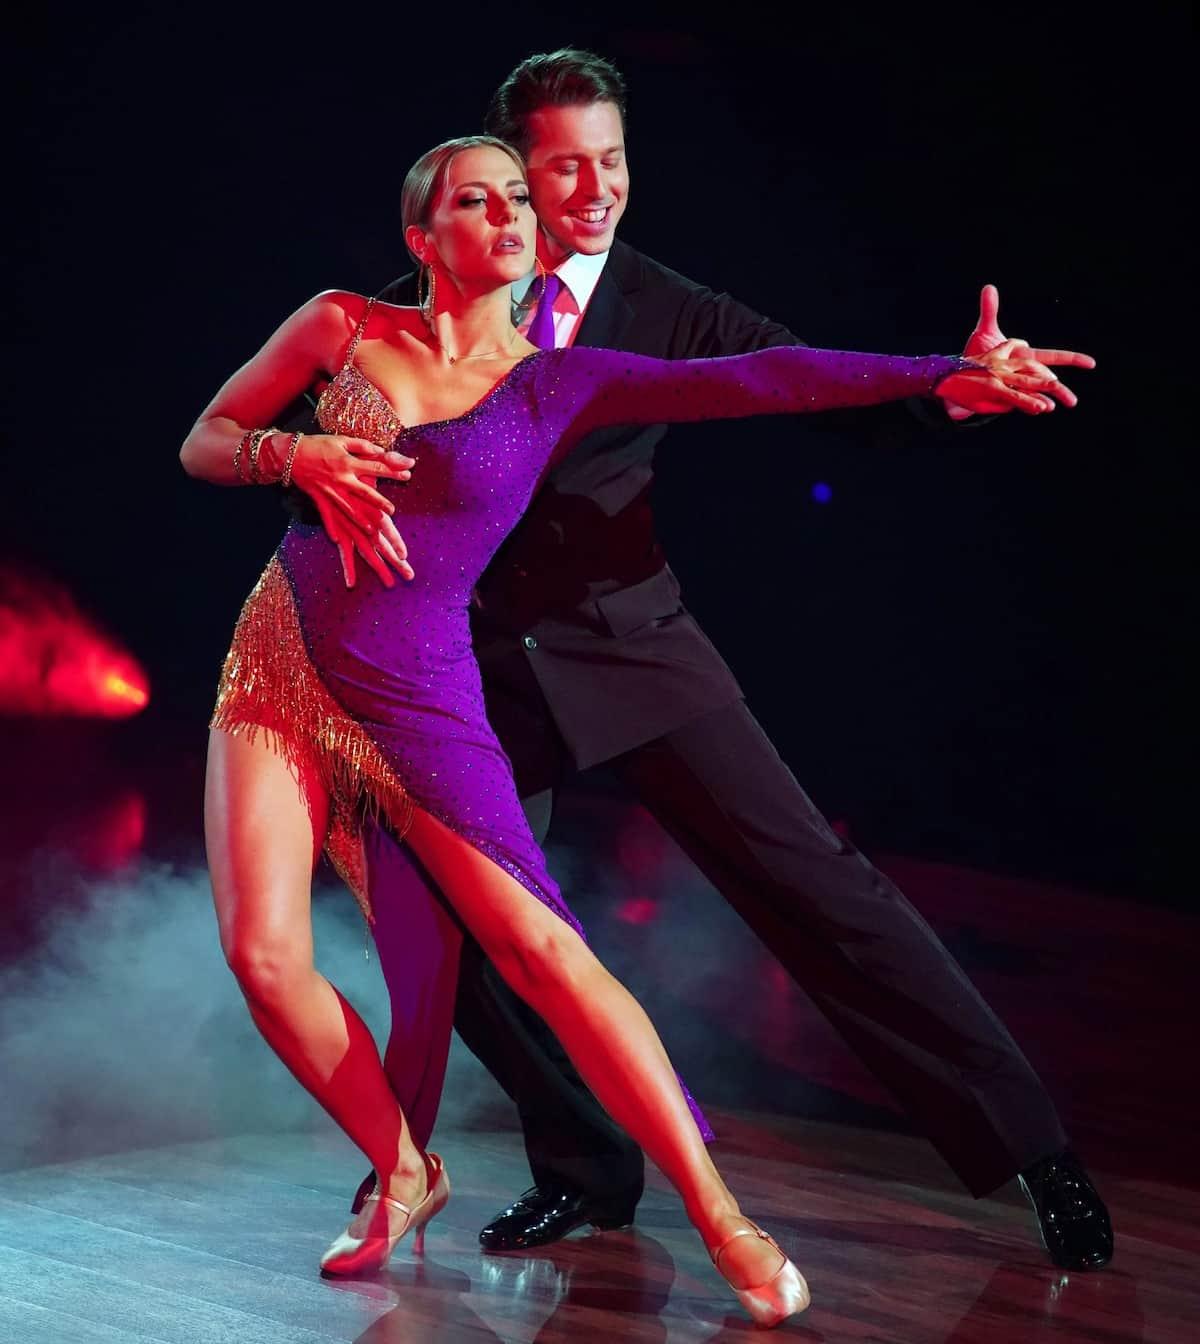 Valentina Pahde und Valentin Lusin bei Let's dance am 5.3.2021